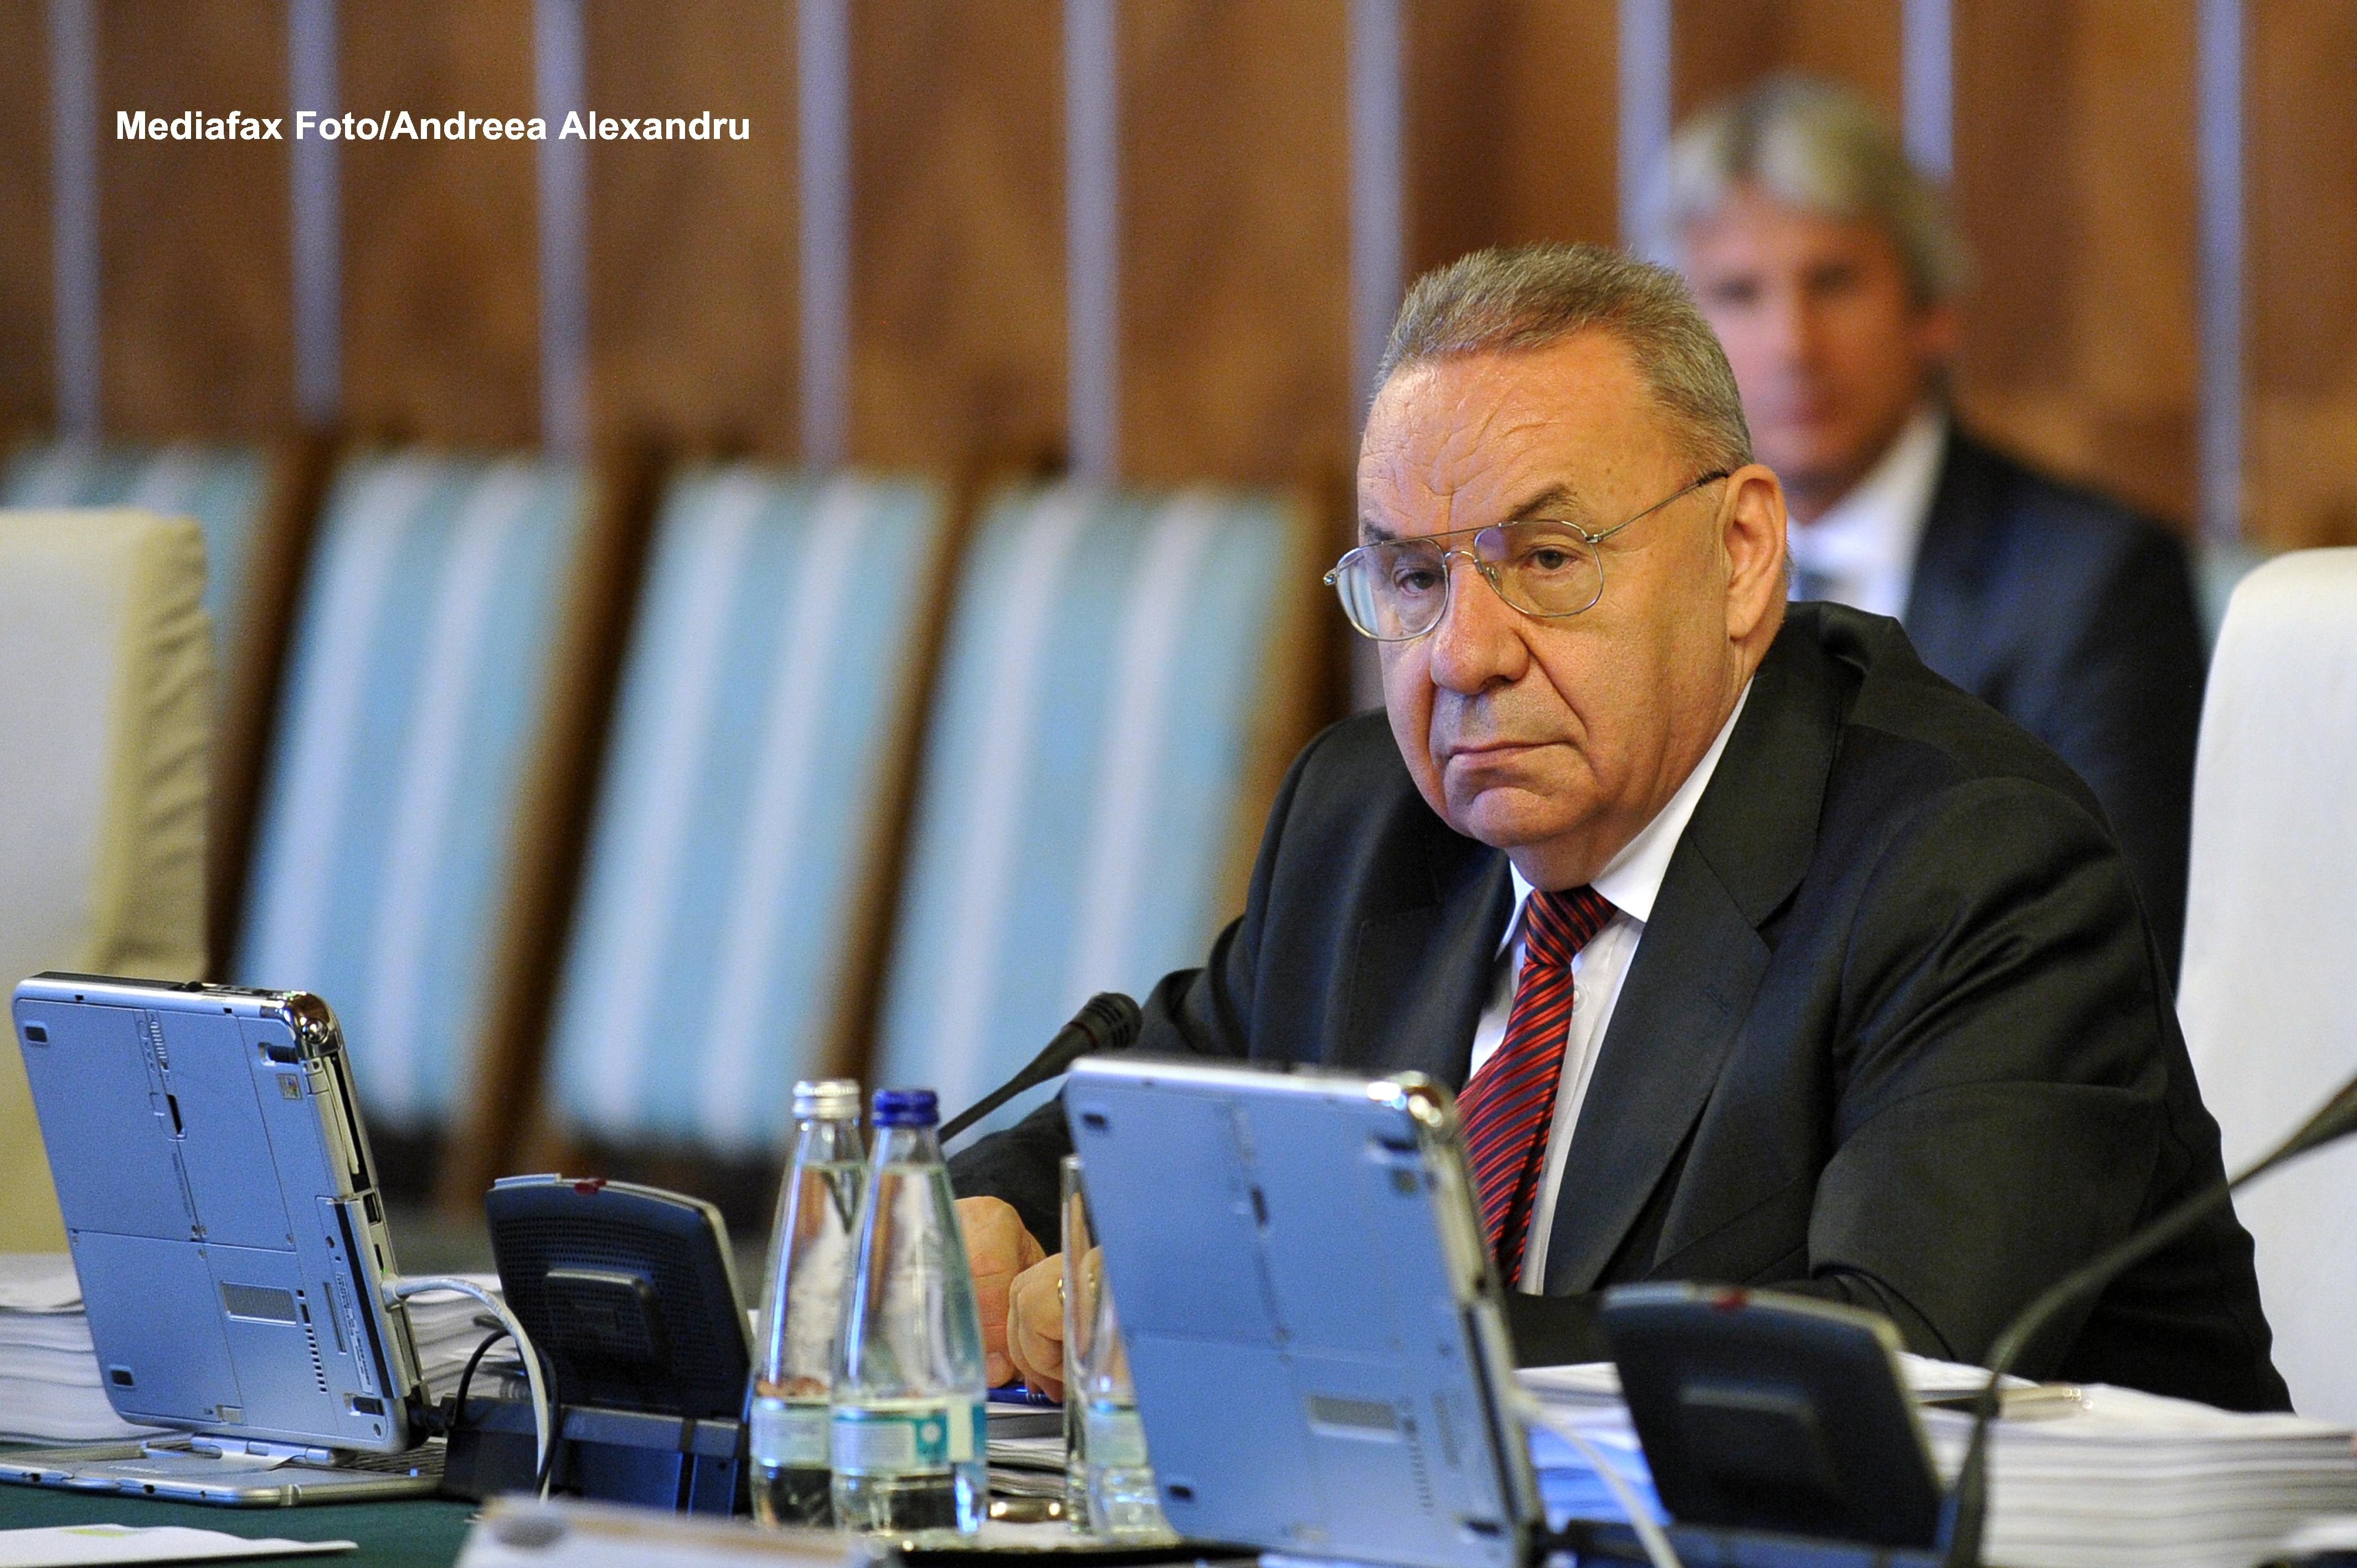 Andrei Marga a fost votat de Senat la sefia Institutului Cultural Roman FARA audiere in comisii